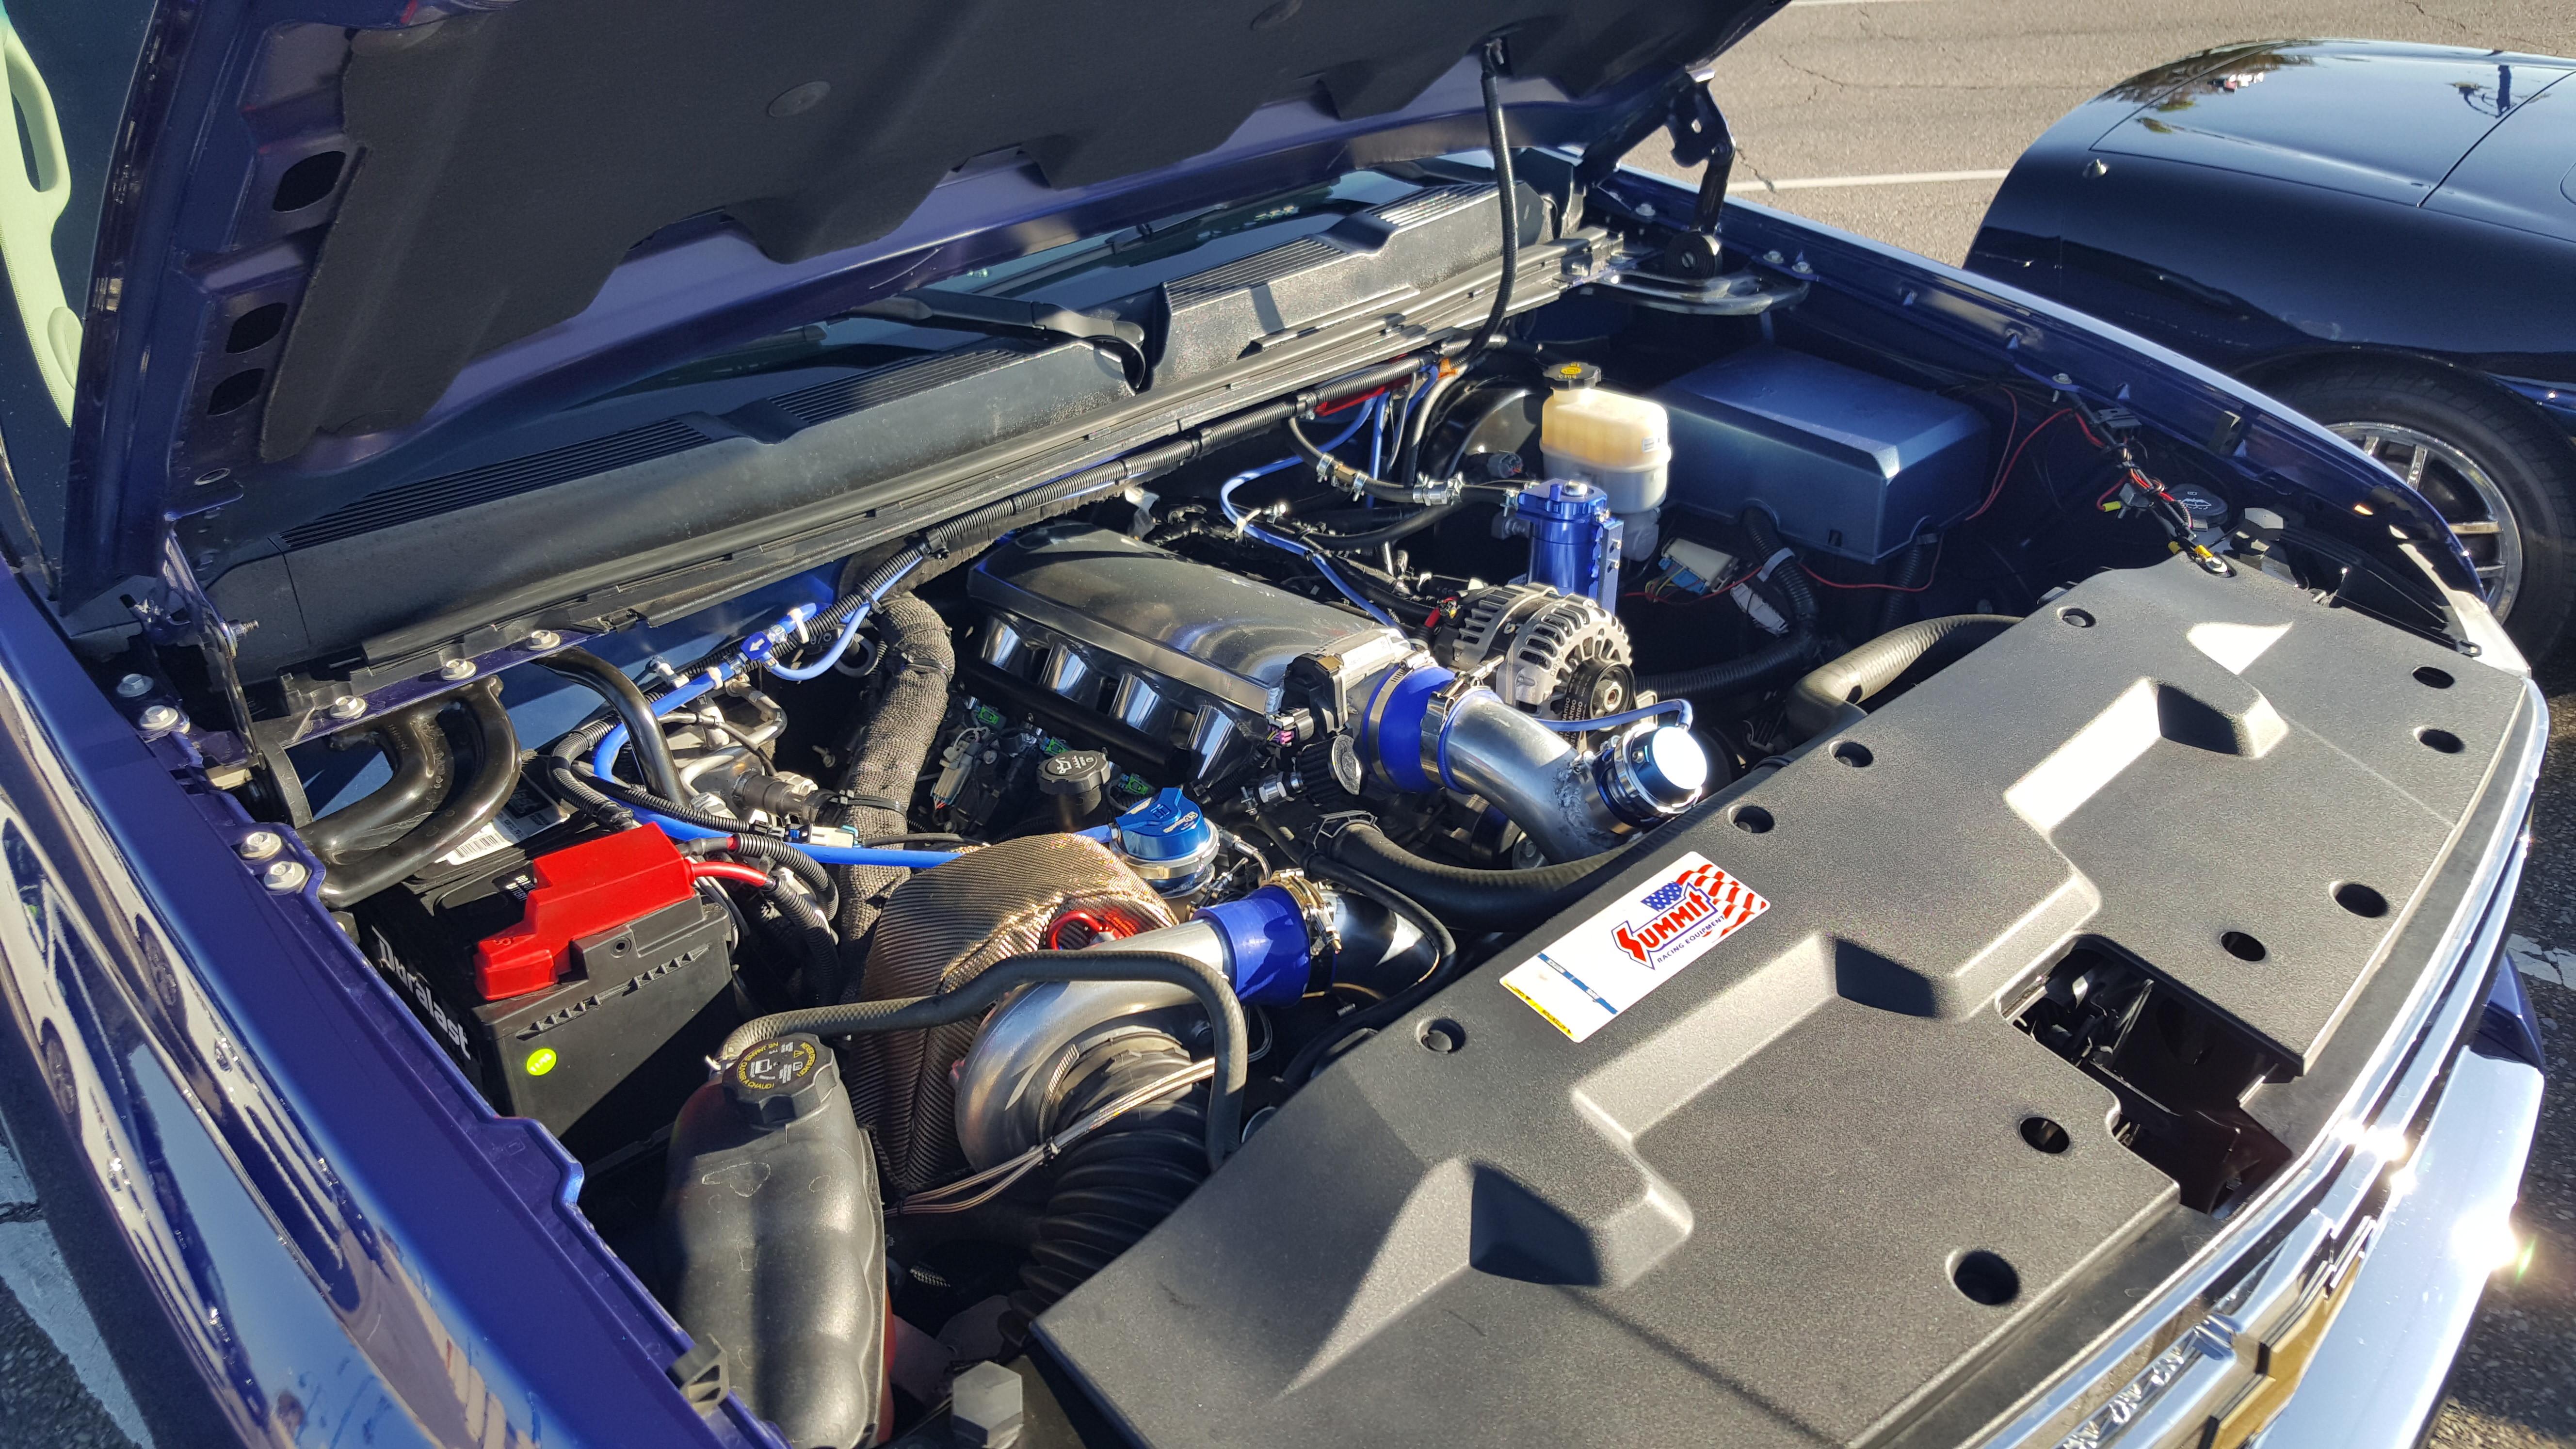 Turbo 5.3 2010 Silverado